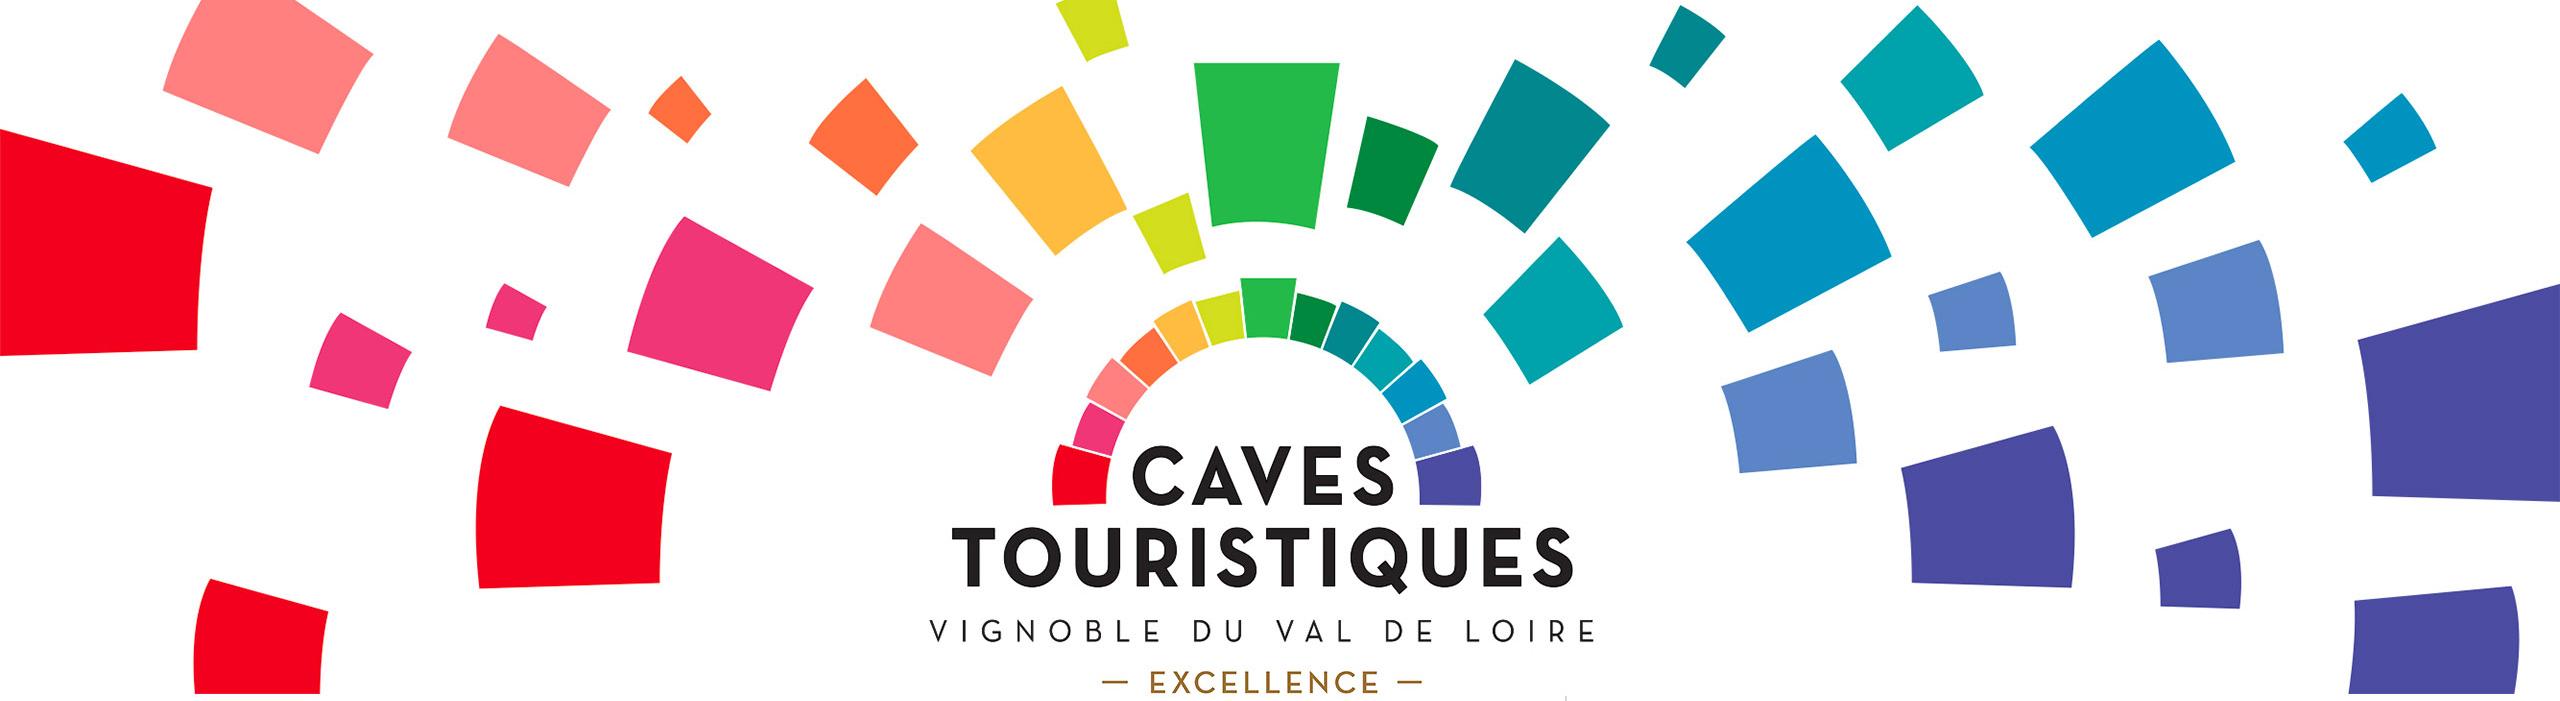 Cave touristique d'excellence